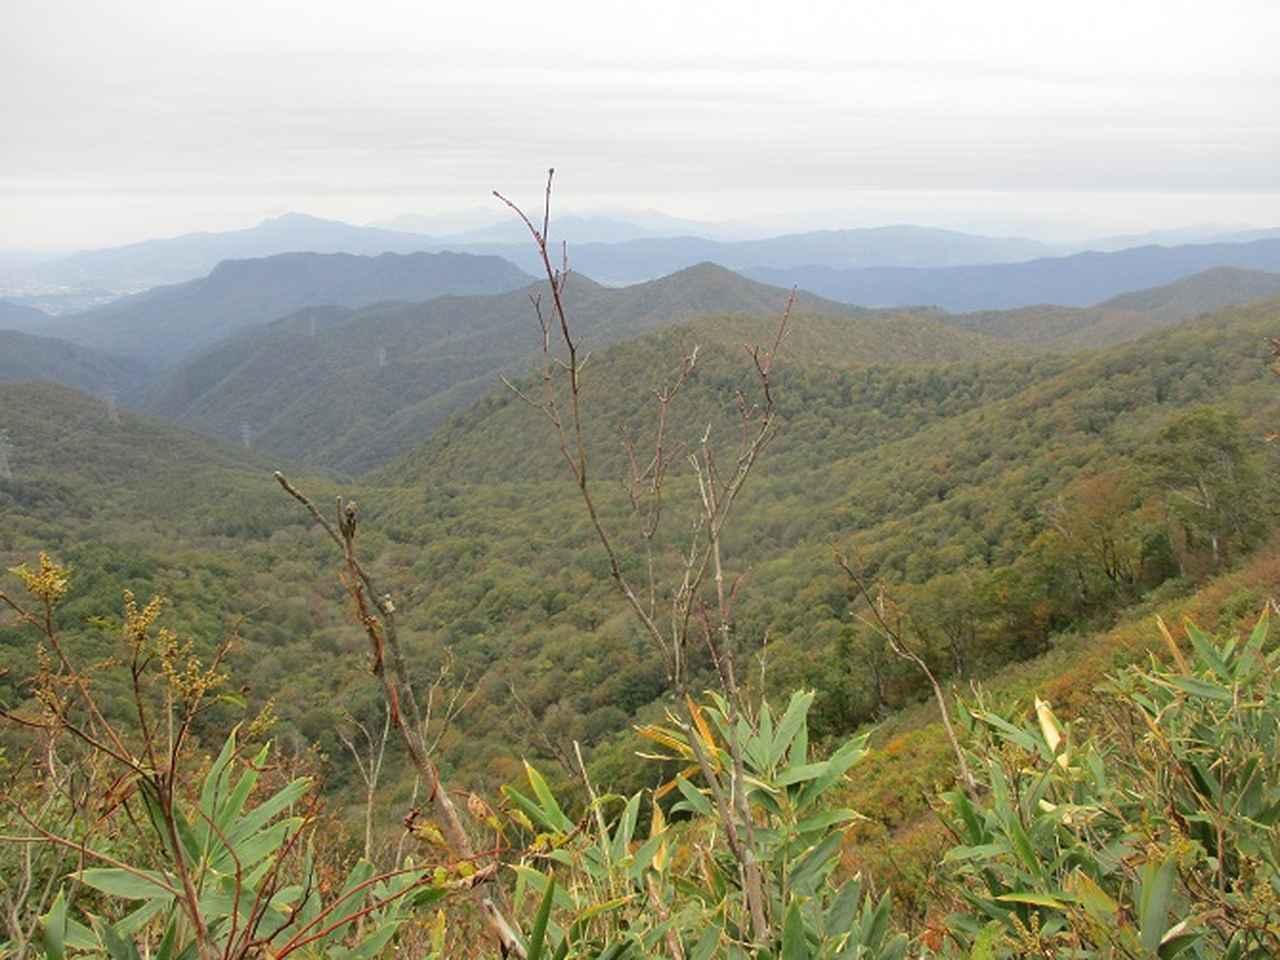 画像7: 【山旅会・登山ガイドこだわりツアー】岡田ガイドからの便り・尼ヶ禿山ツアーの下見に行ってきました!